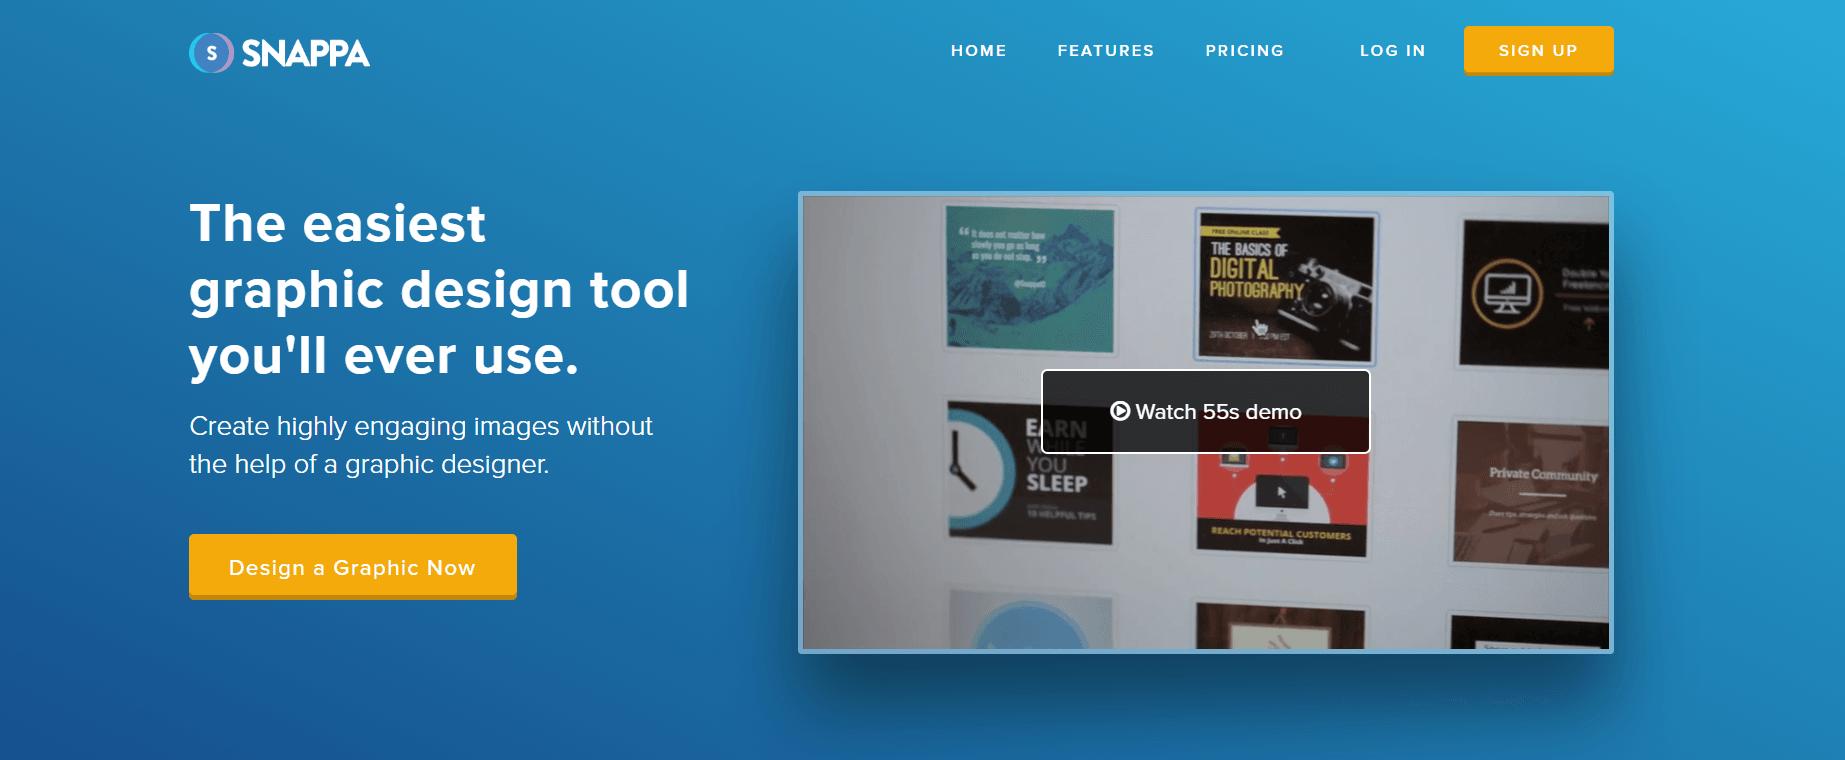 Free Graphic Design Tools